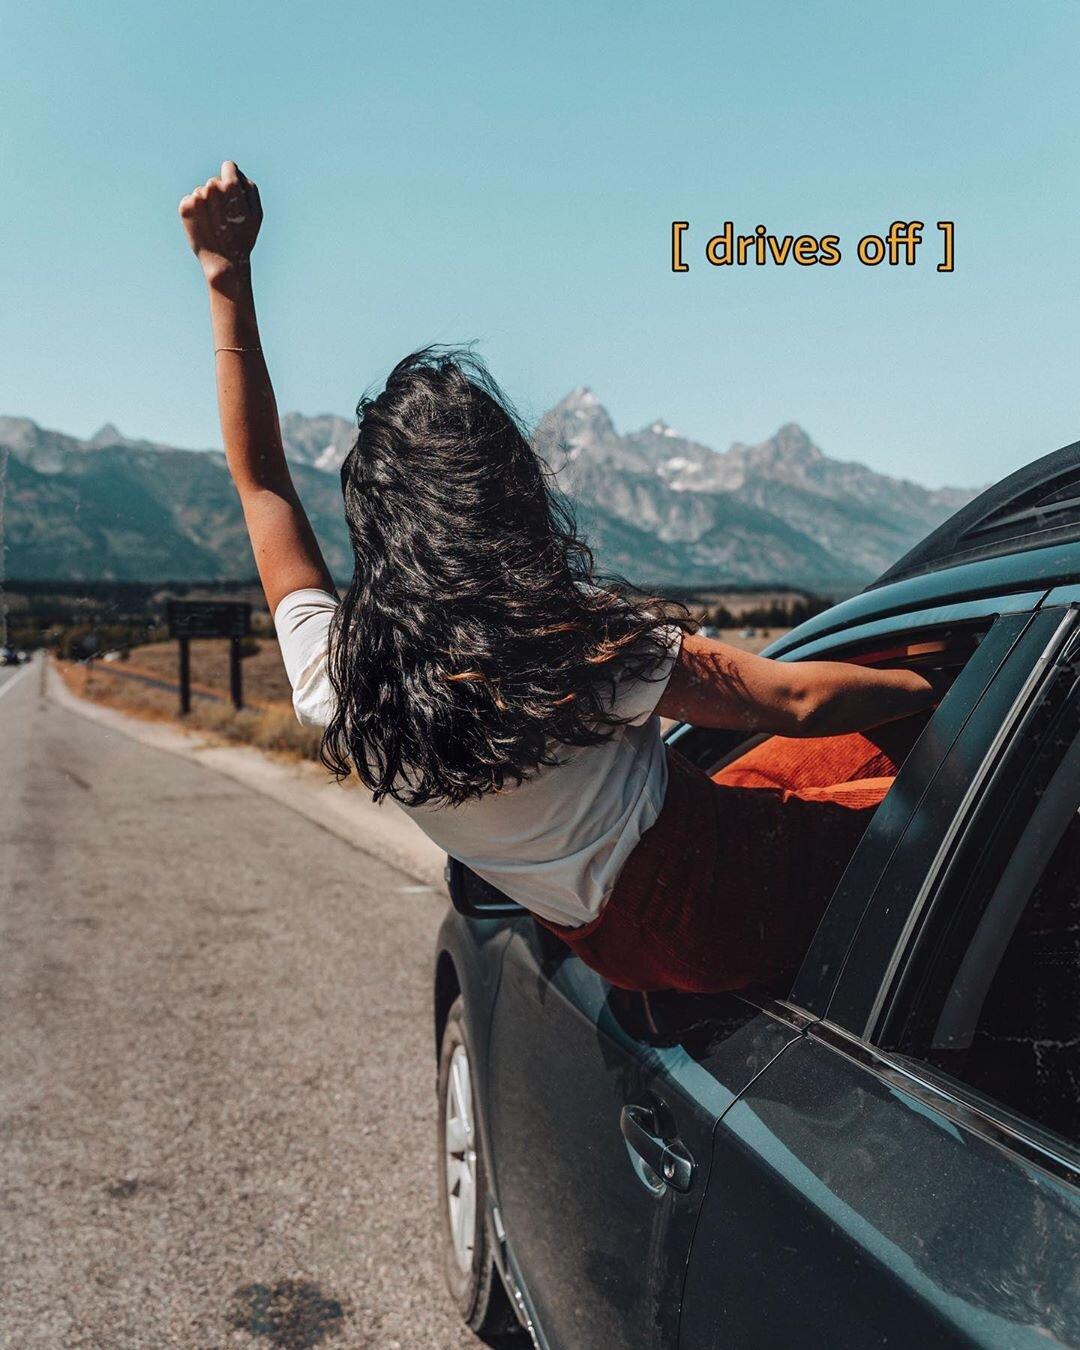 lissette calveiro road trip inspiration 2.jpg